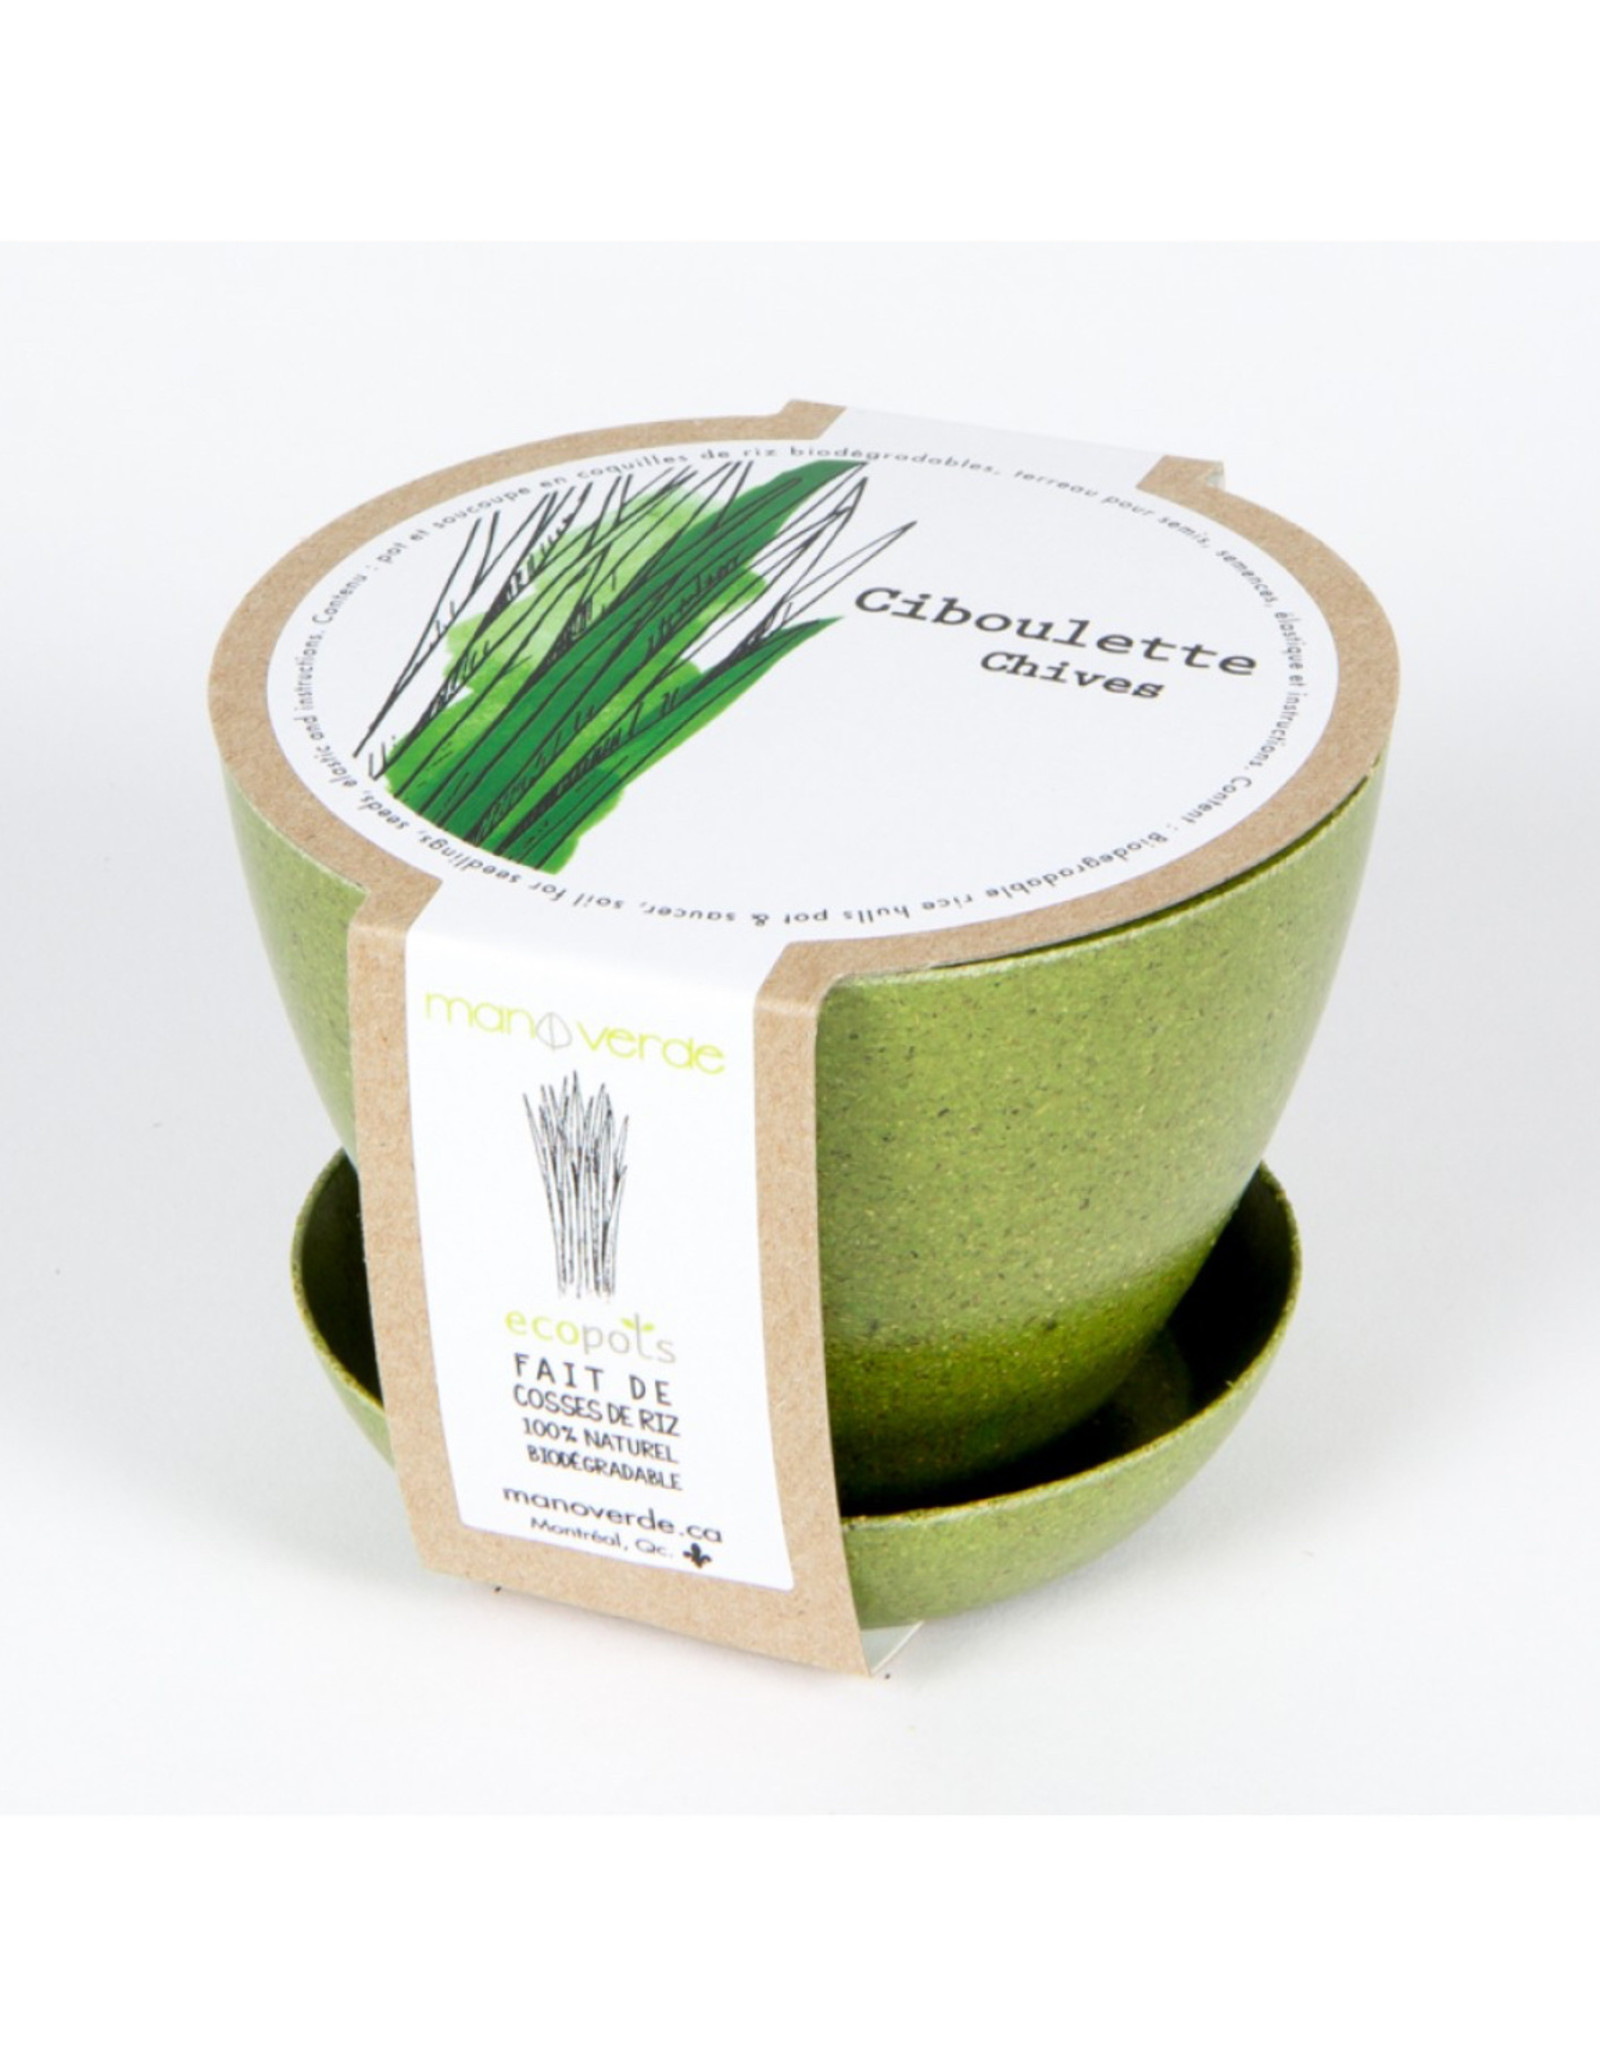 Mano Verde Minipot Ciboulette